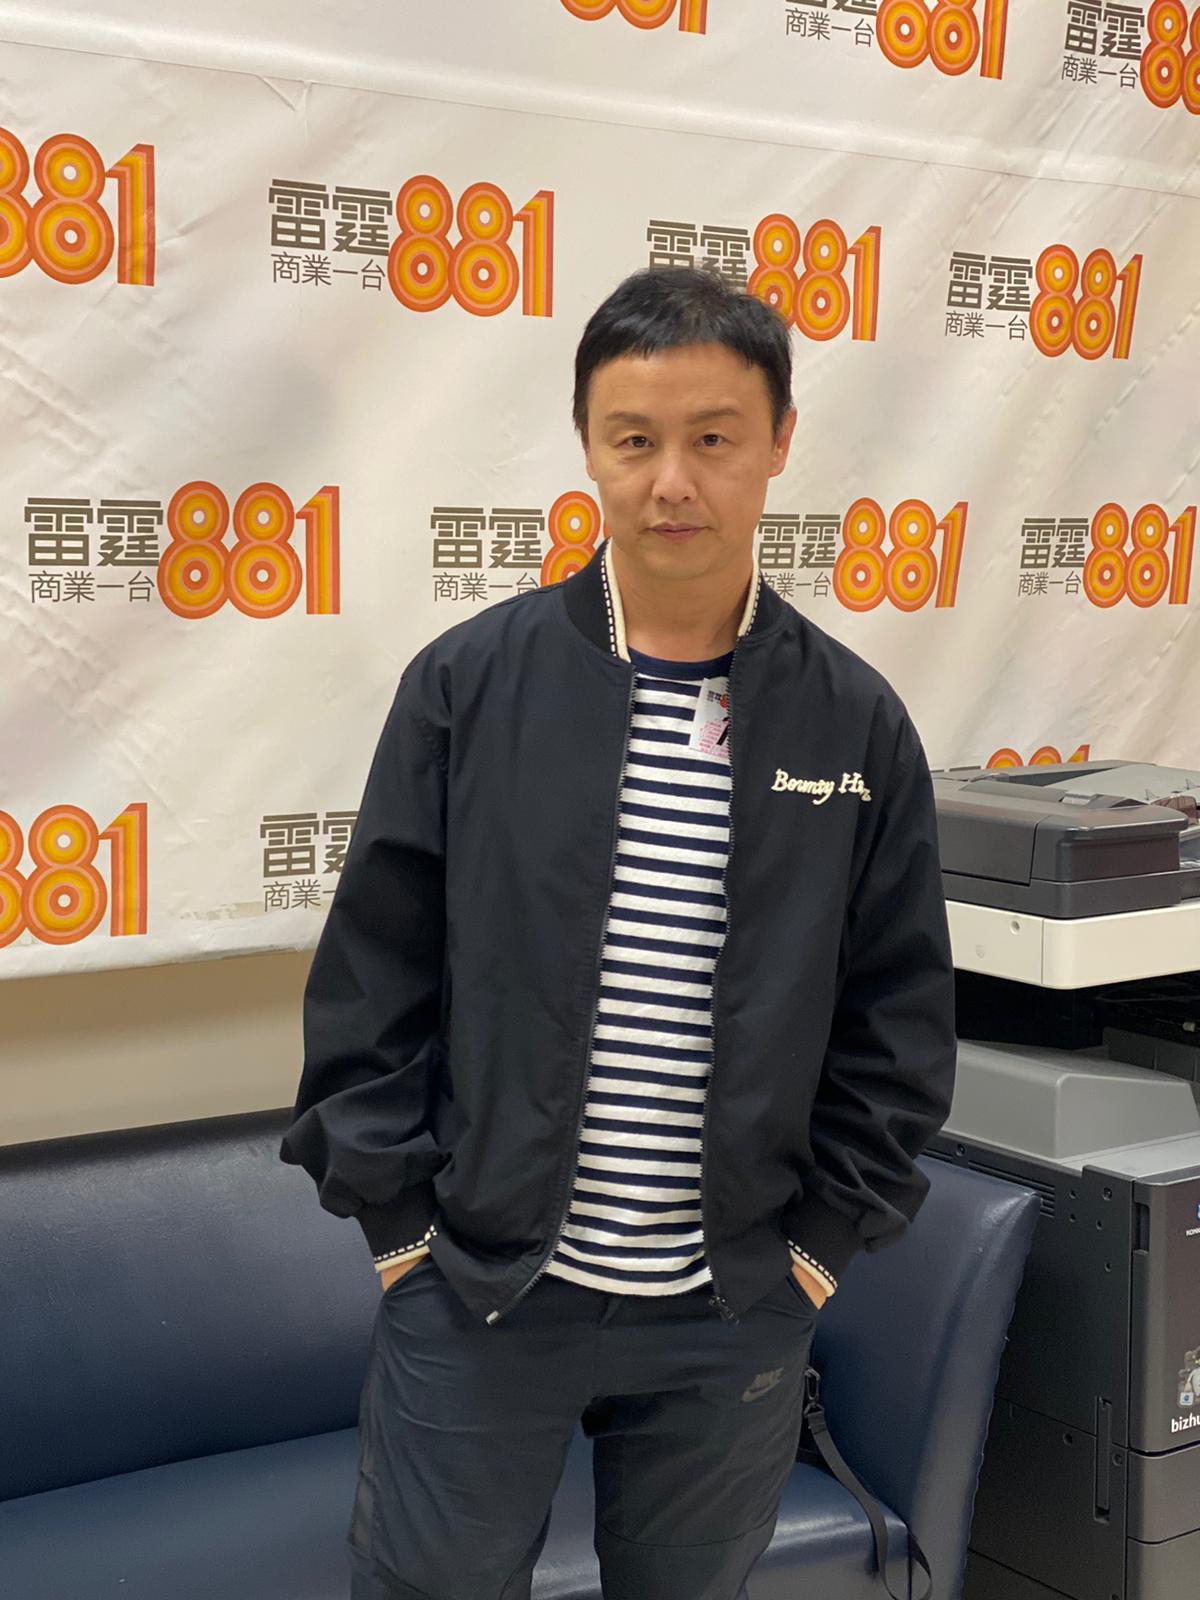 鄭敬基(Joe)到電台接受訪問。